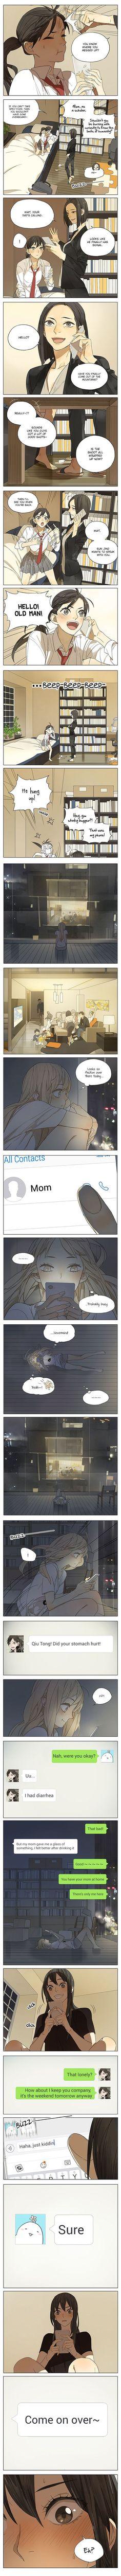 Tamen Di Gushi 102 http://mangafox.me/manga/tamen_de_gushi/c102/1.html